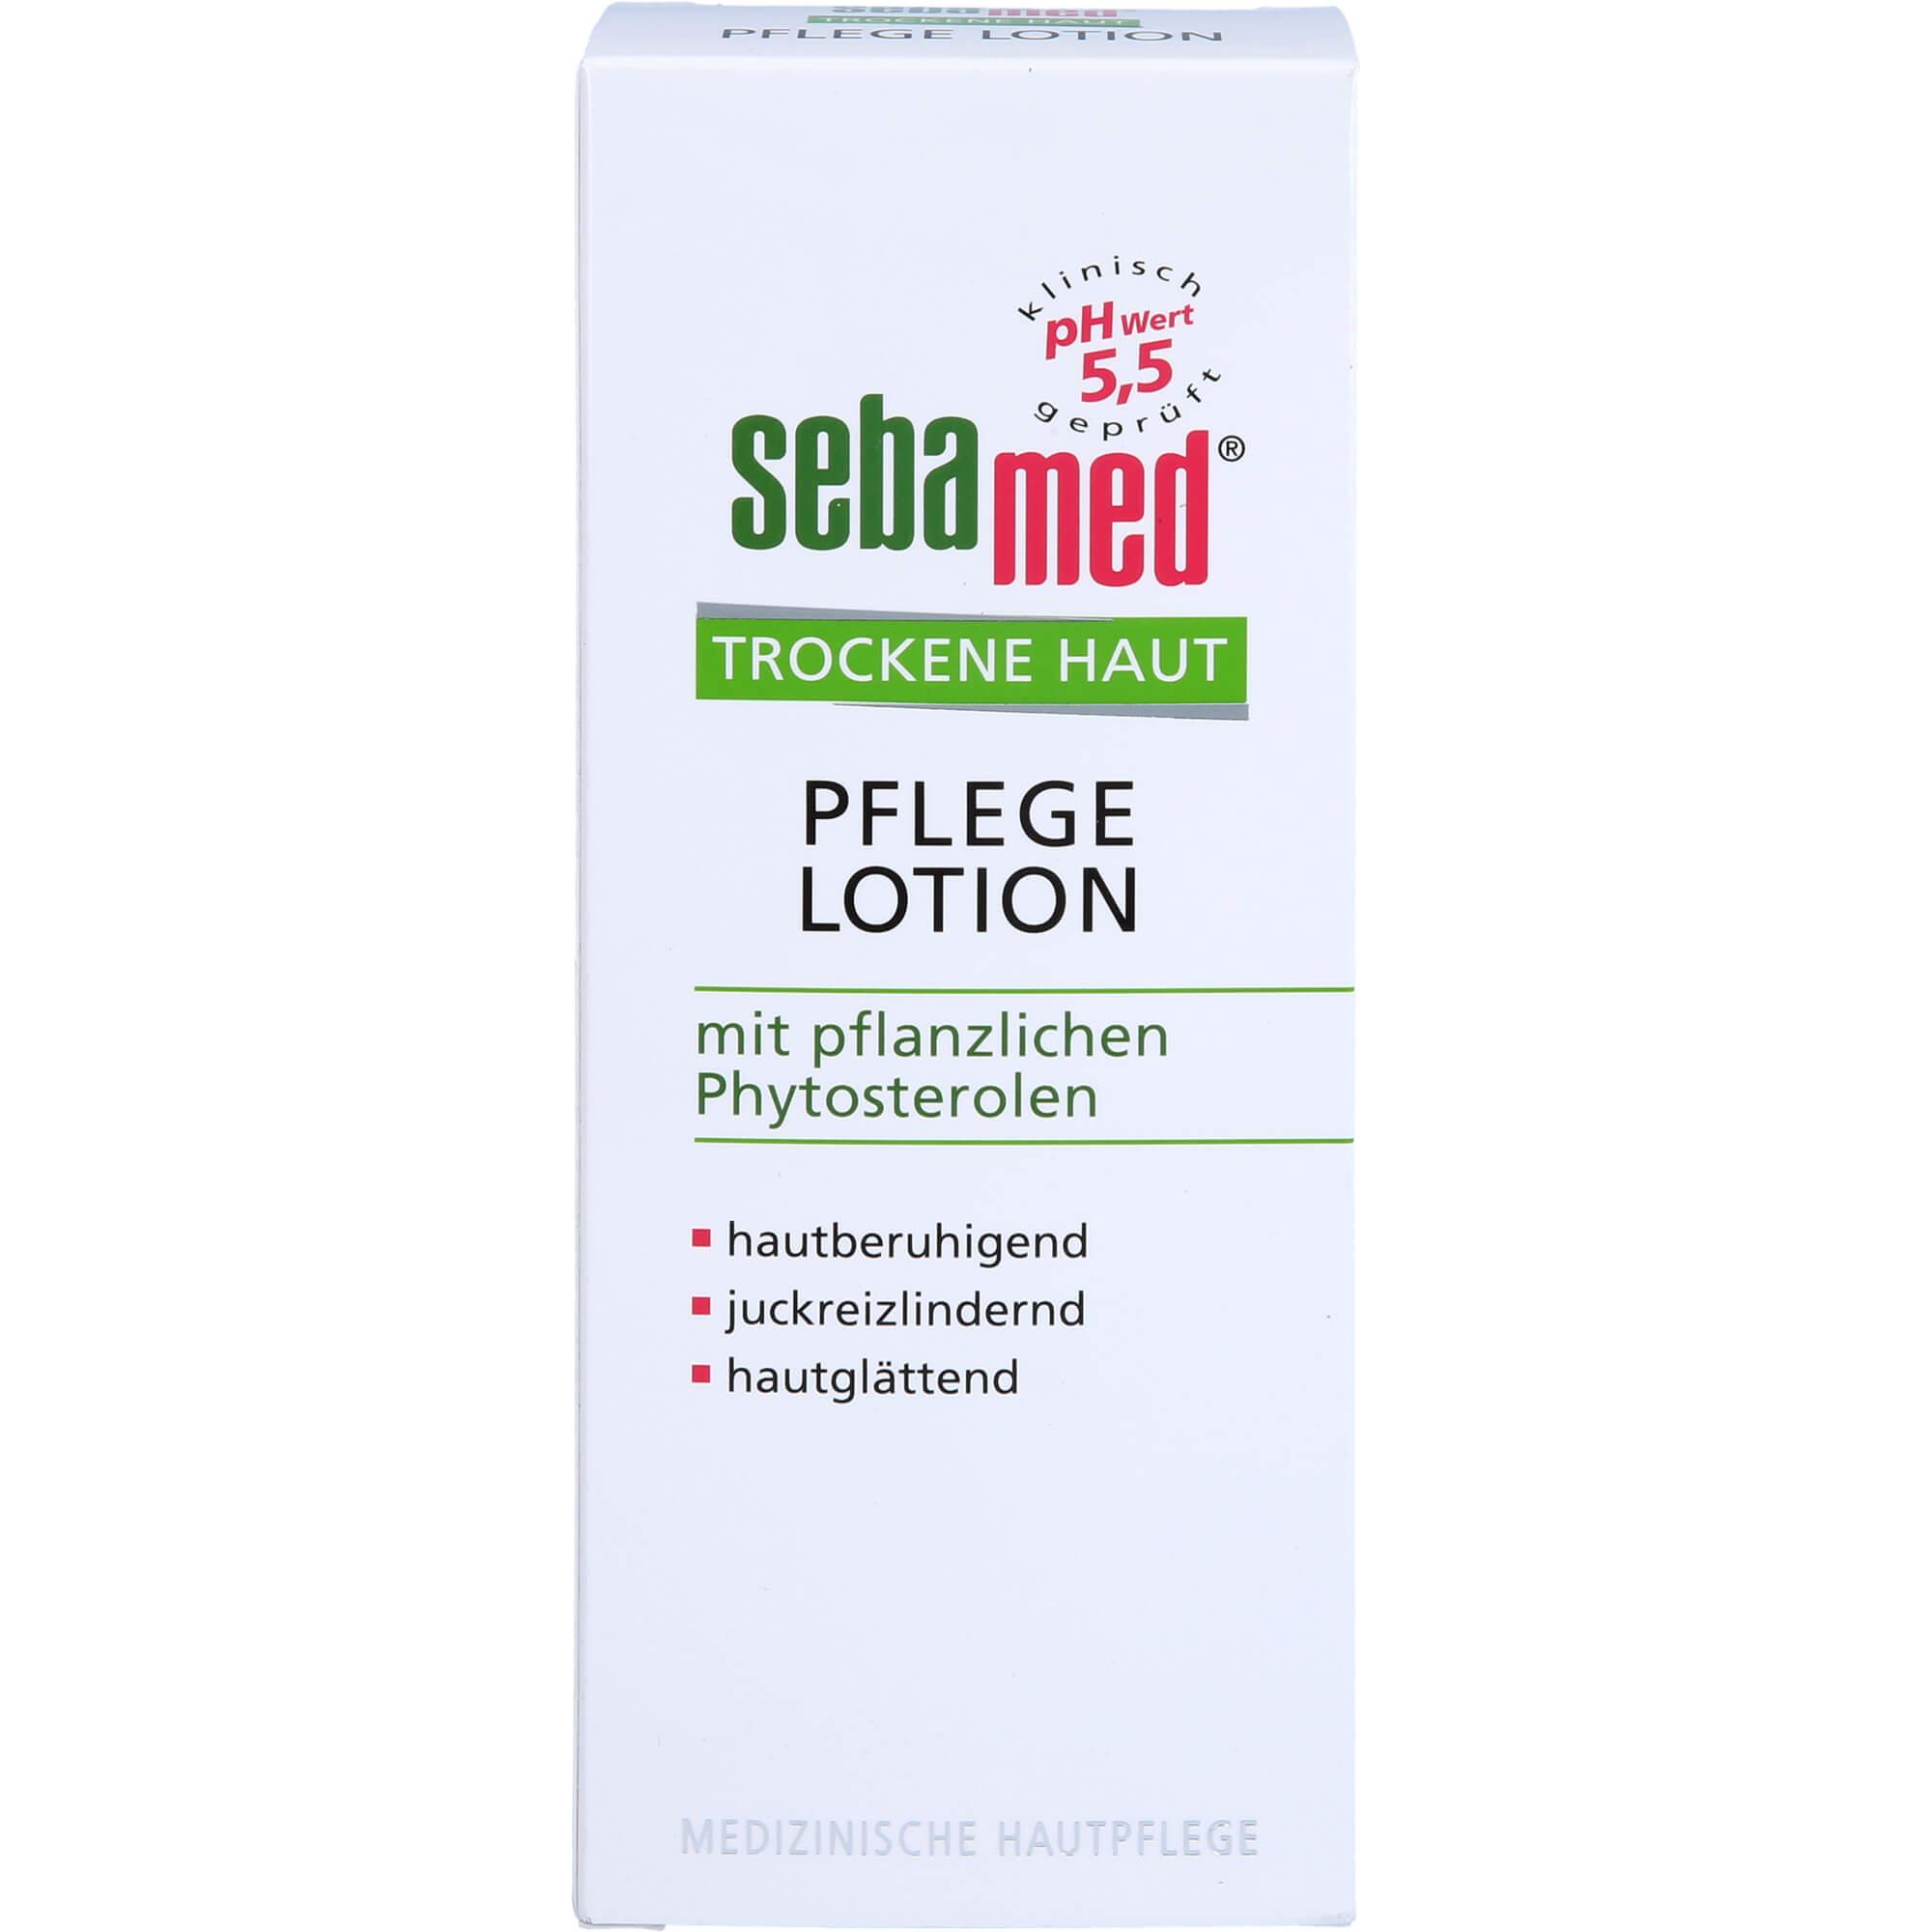 SEBAMED Trockene Haut Pflege Lotion